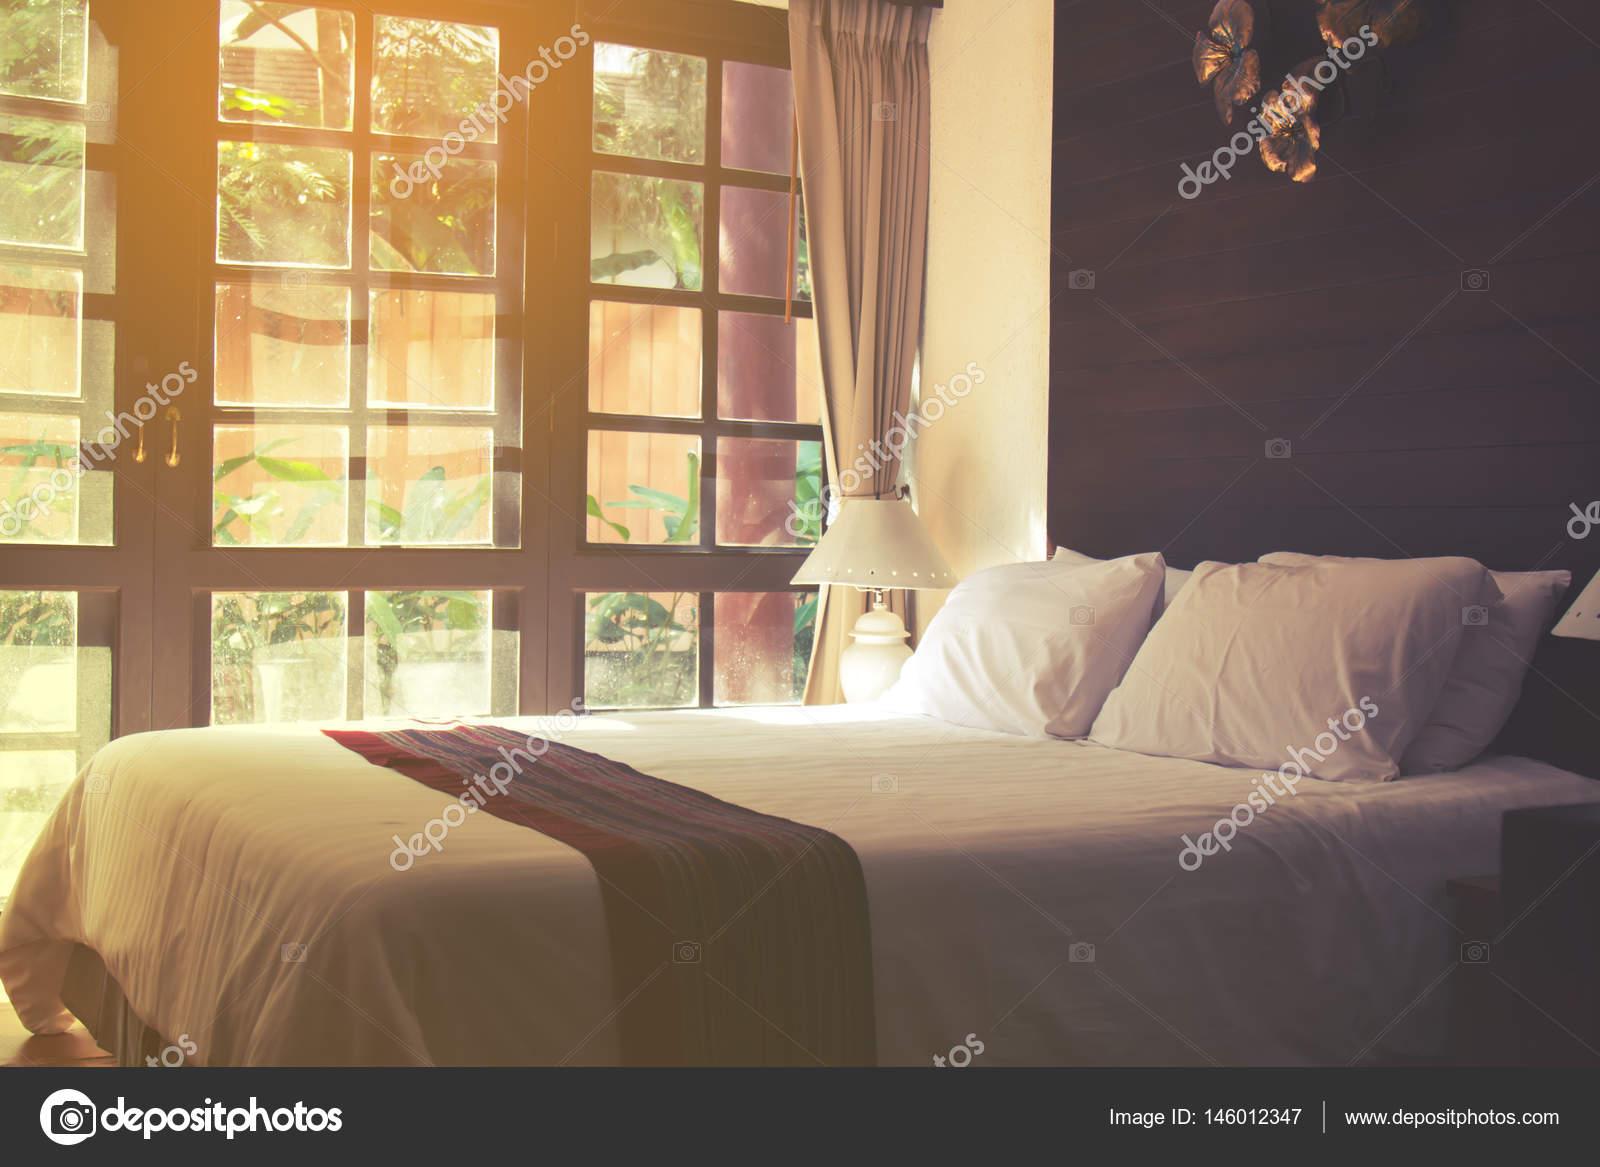 Full Size of Schlafzimmer Luxus Design Caseconradcom Komplettangebote Bett Lampe Teppich Mit überbau Loddenkemper Komplett Poco Betten Günstig Weiß Schranksysteme Schlafzimmer Luxus Schlafzimmer